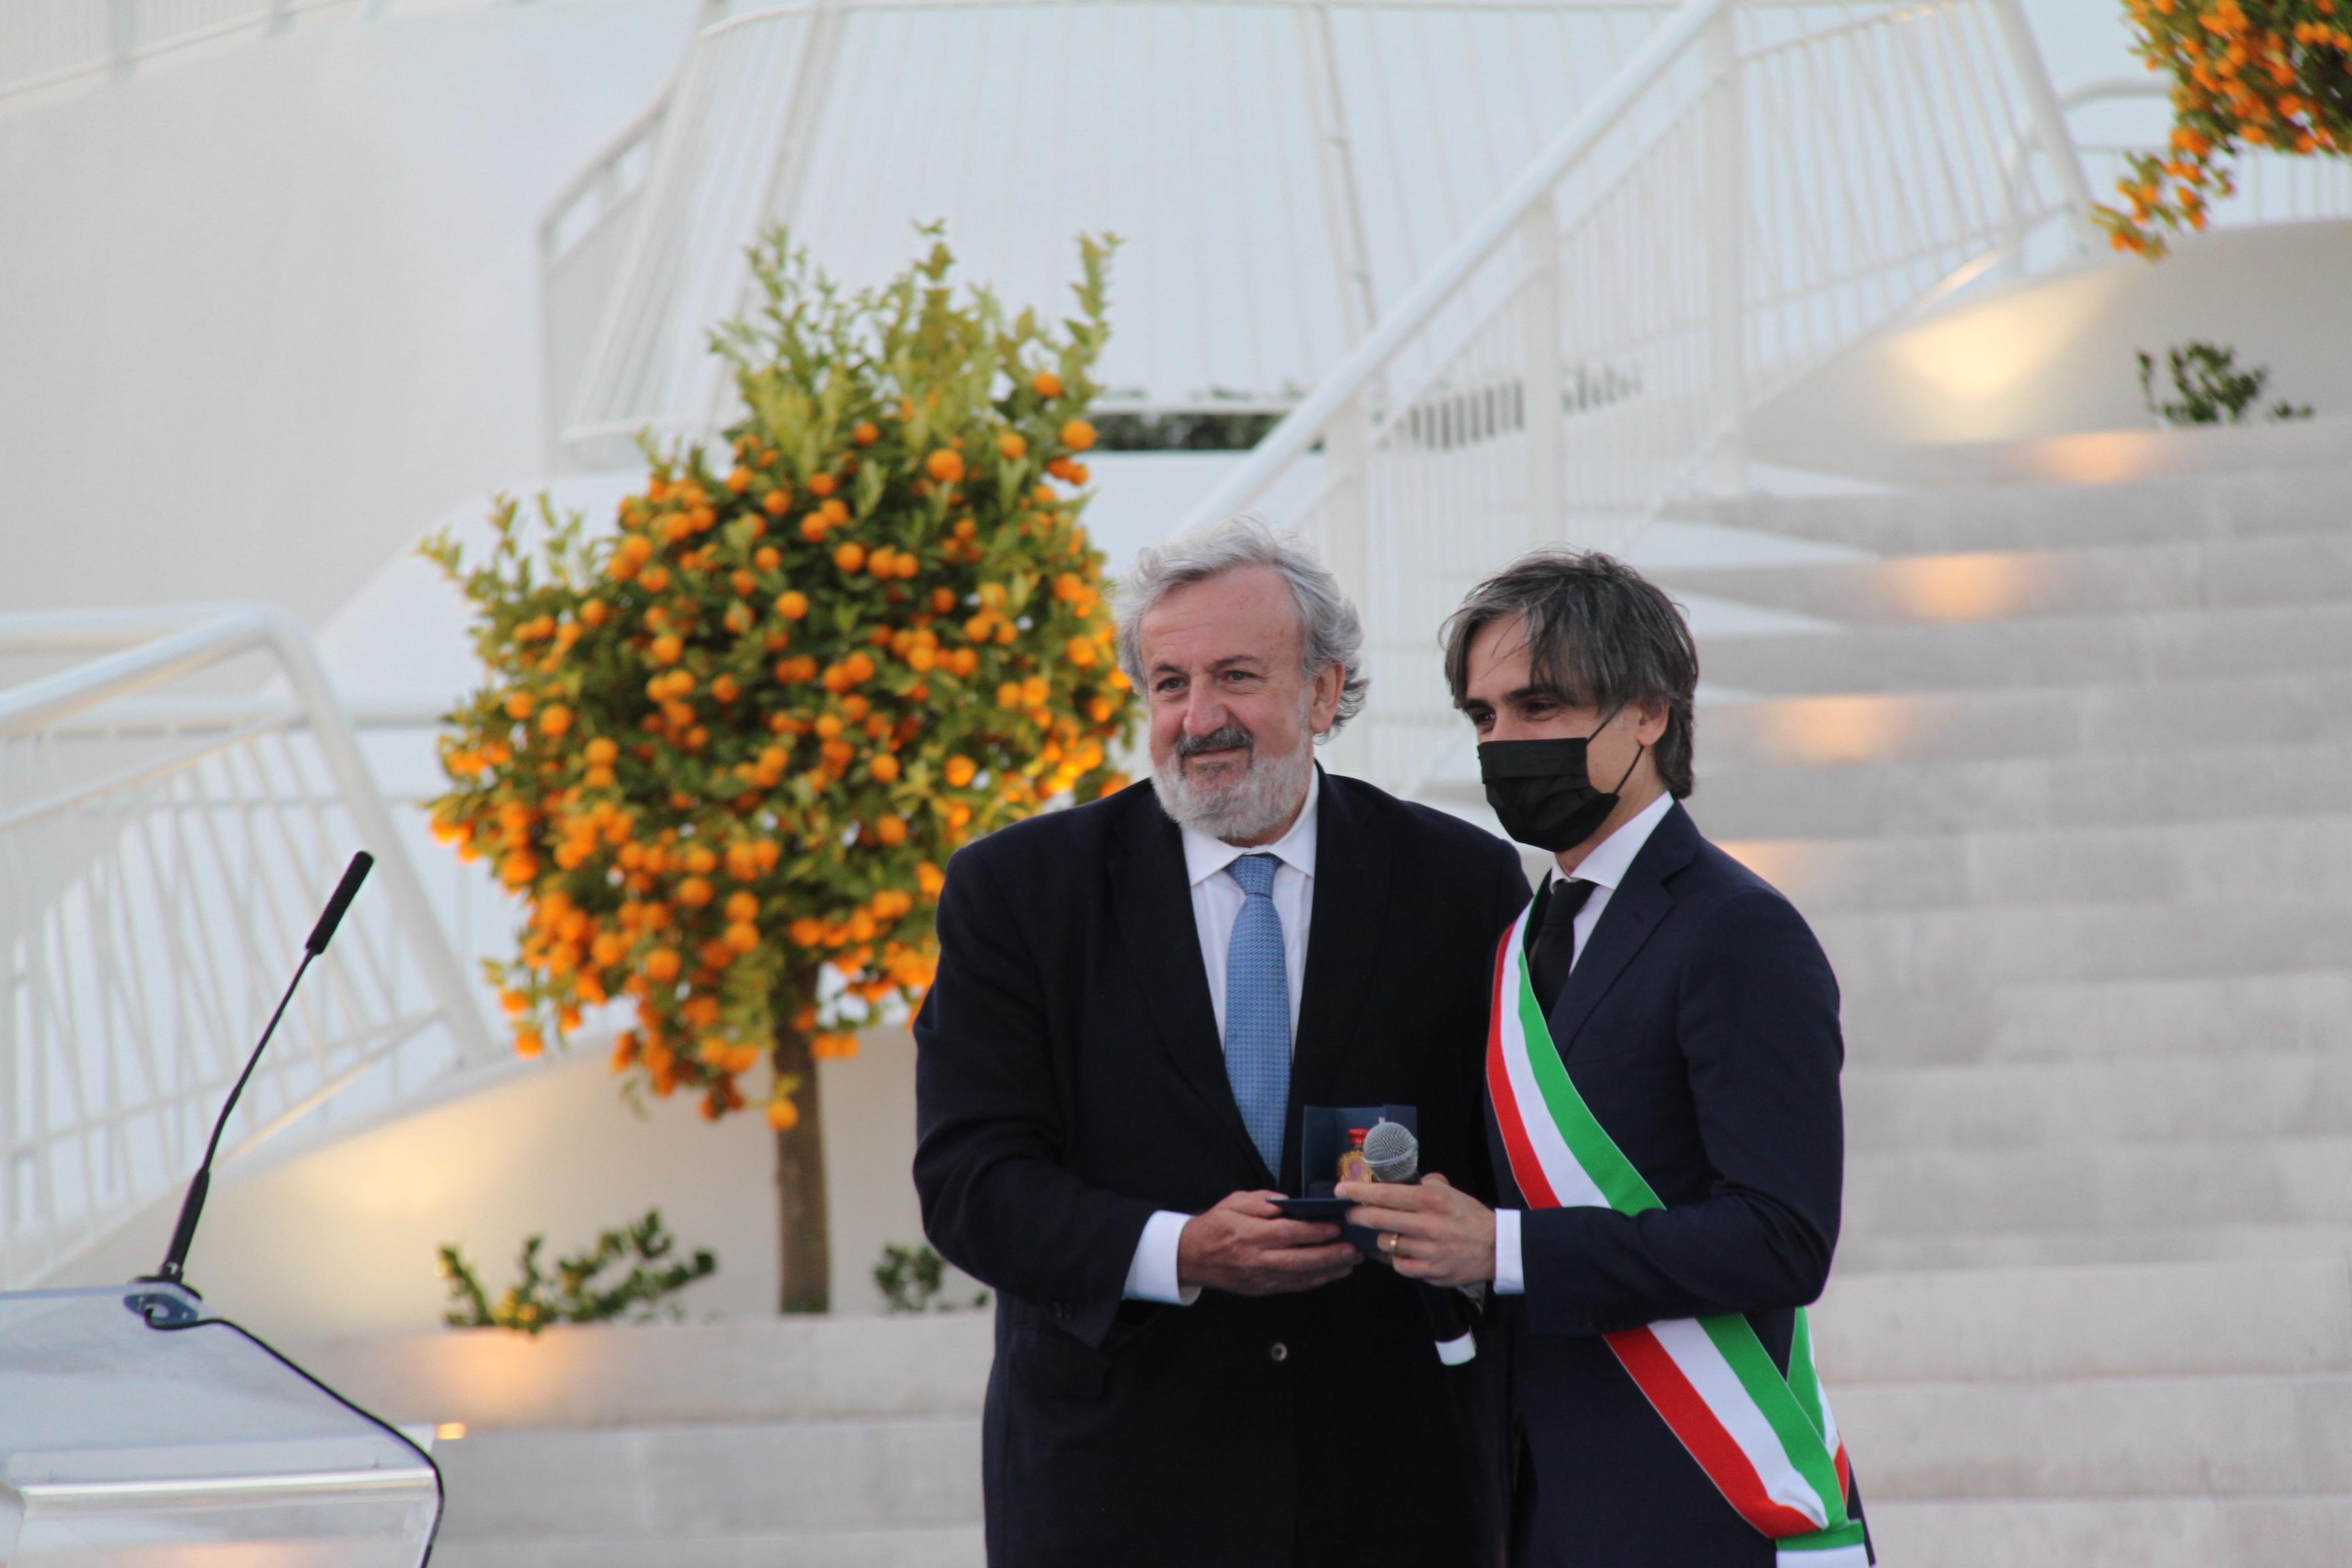 Presidente-Regione-Puglia-Michele-Emiliano-con-Falcomata